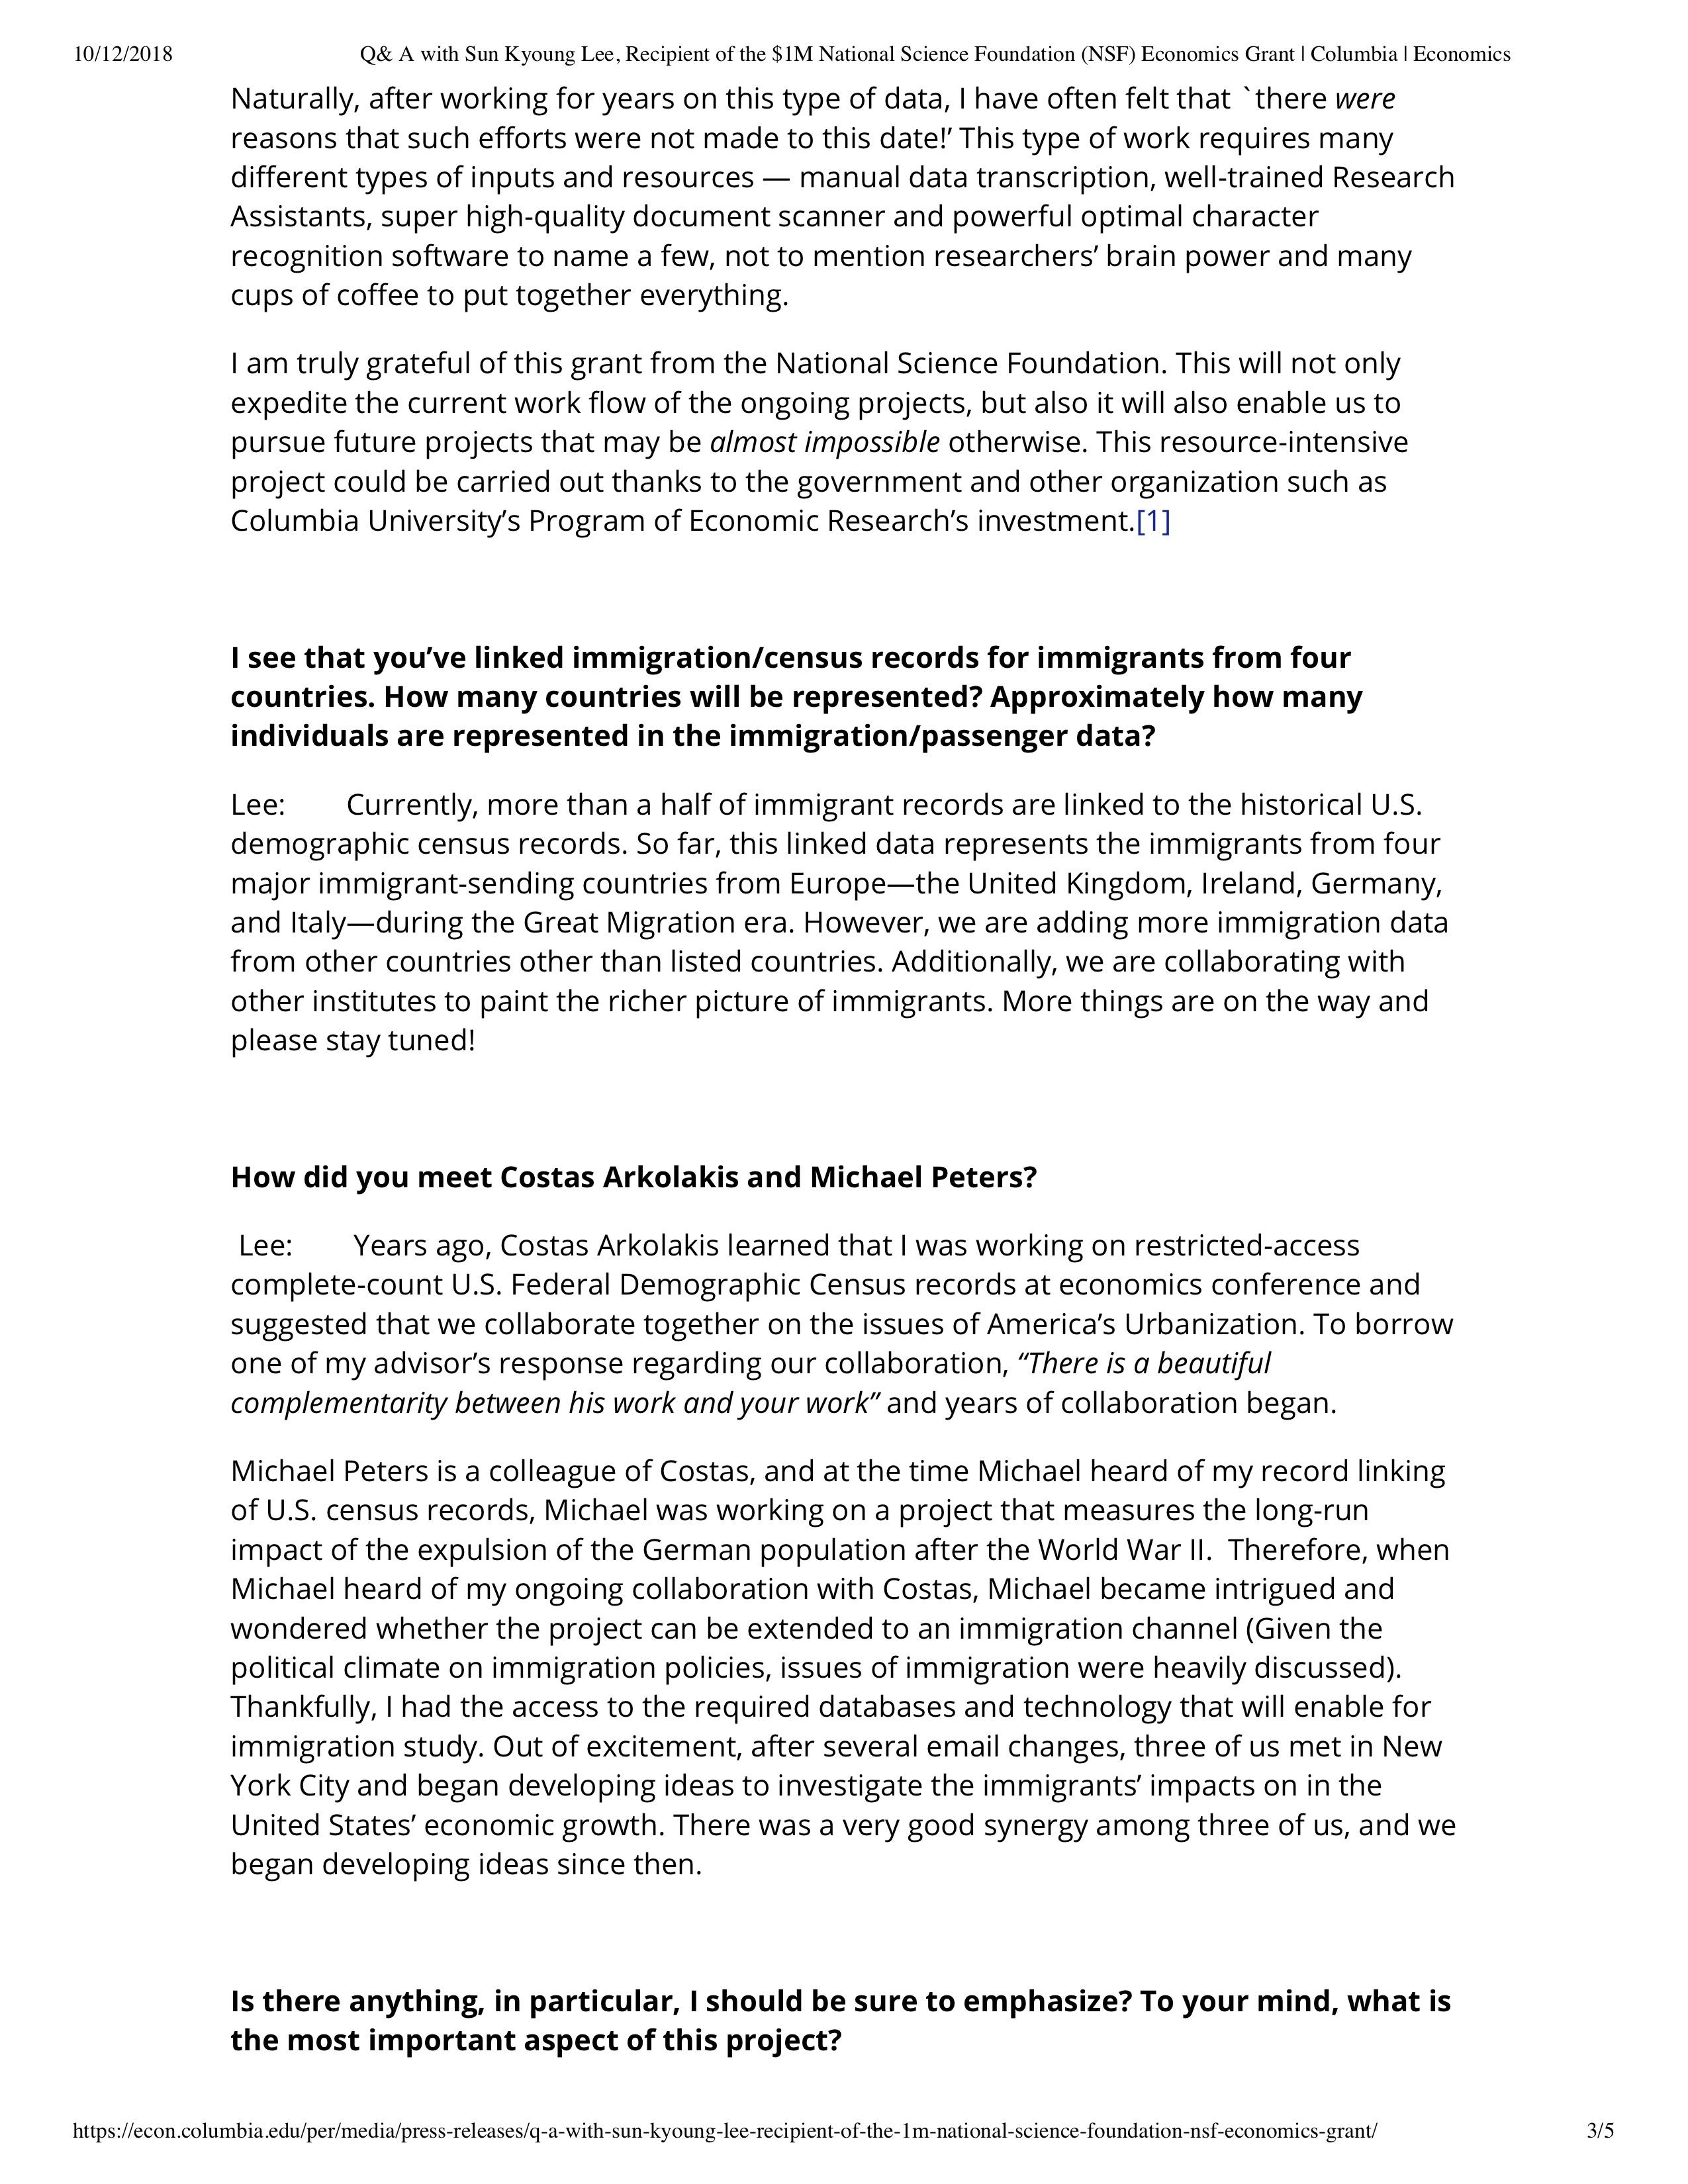 Q-A-with-Sun-Kyoung-Lee-Recipient-of-...Economics-Grant-Columbia-Economics_pp3